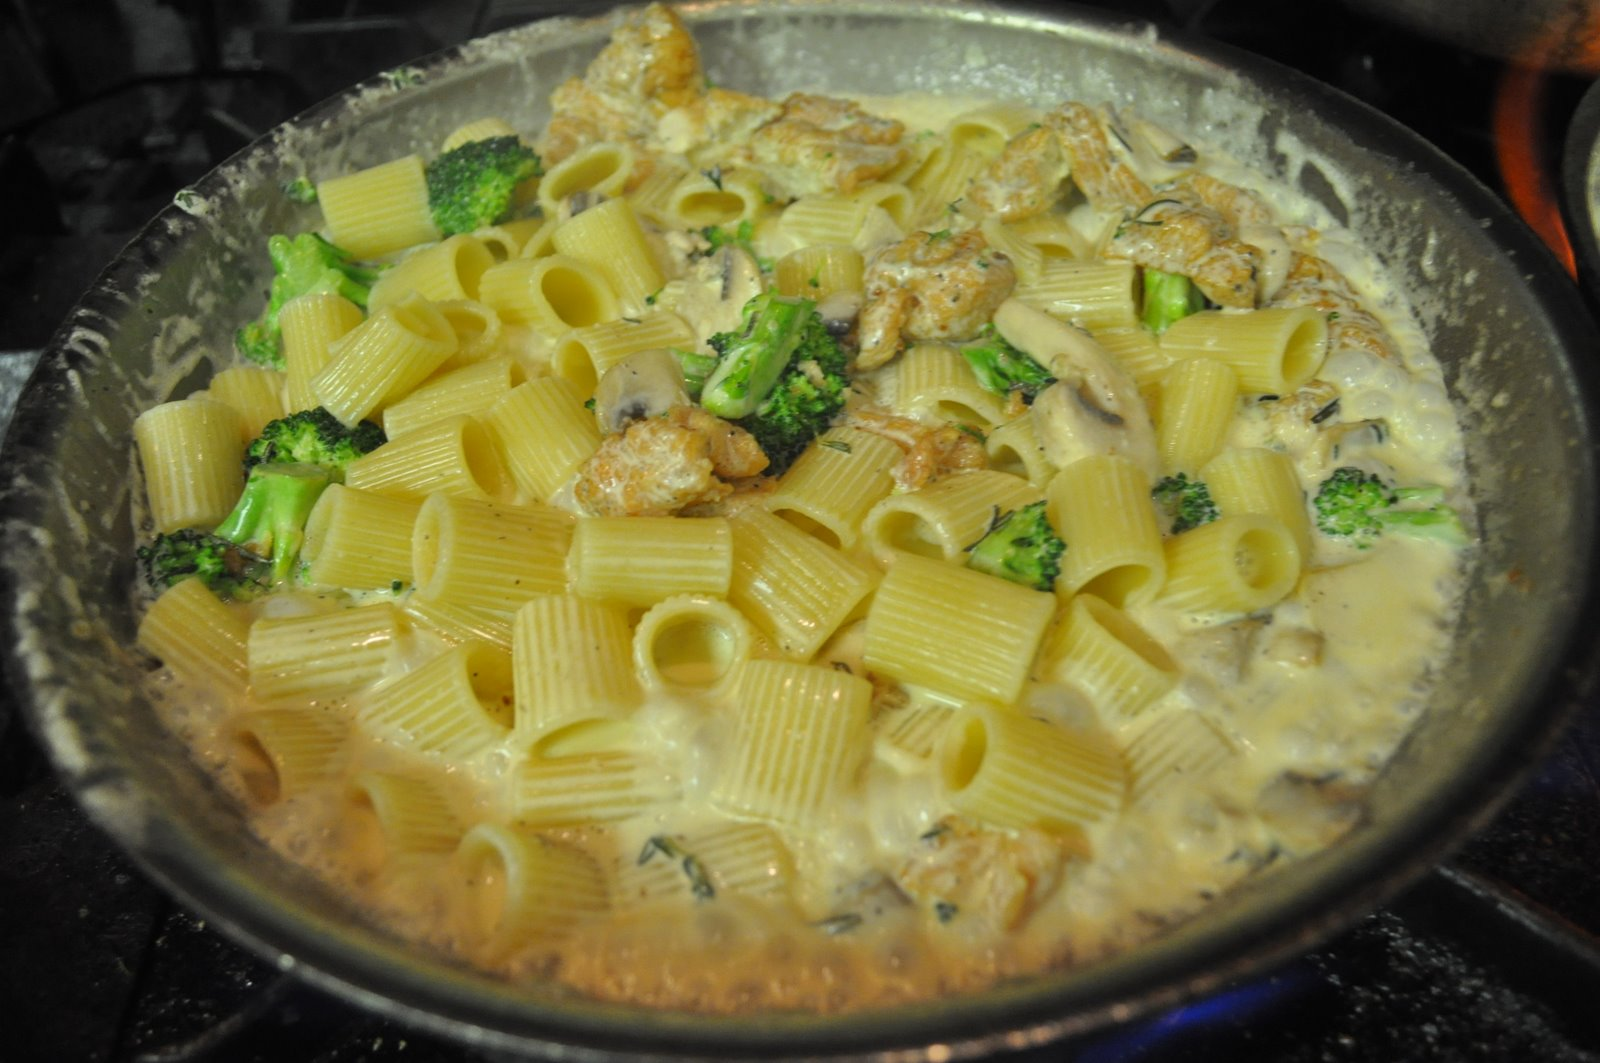 Cazuela de pollo al alfredo cocina y algo mas for Cocinar a 80 grados